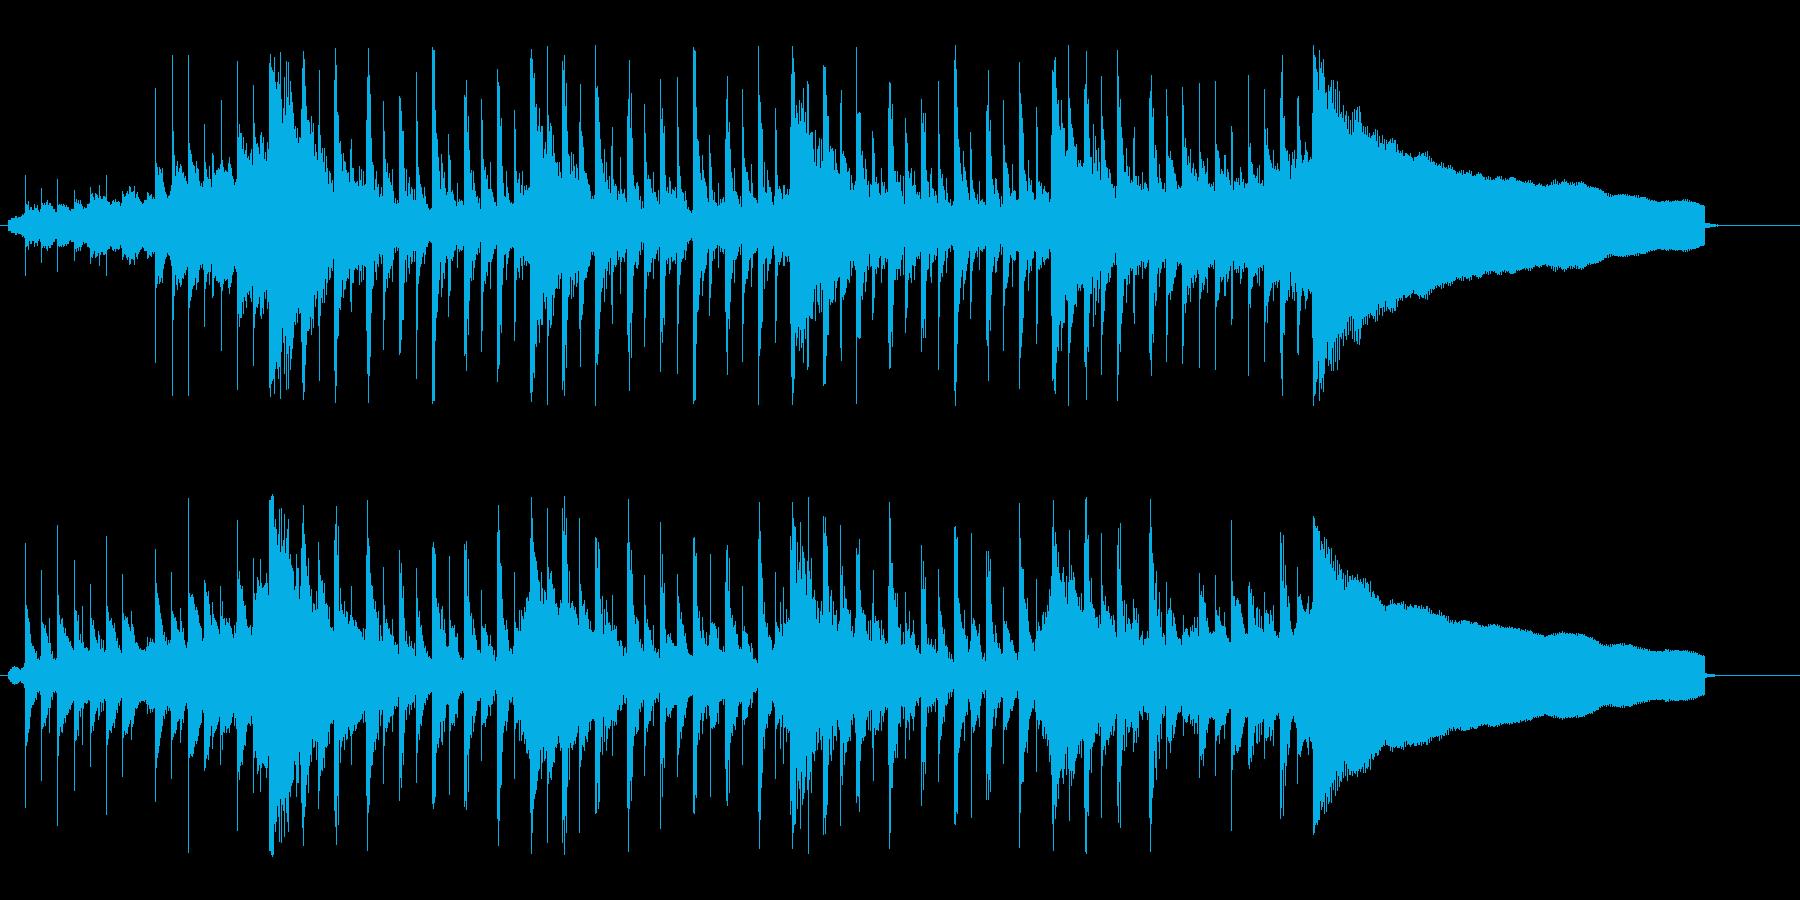 前向きで力強いコーポレートロックの再生済みの波形